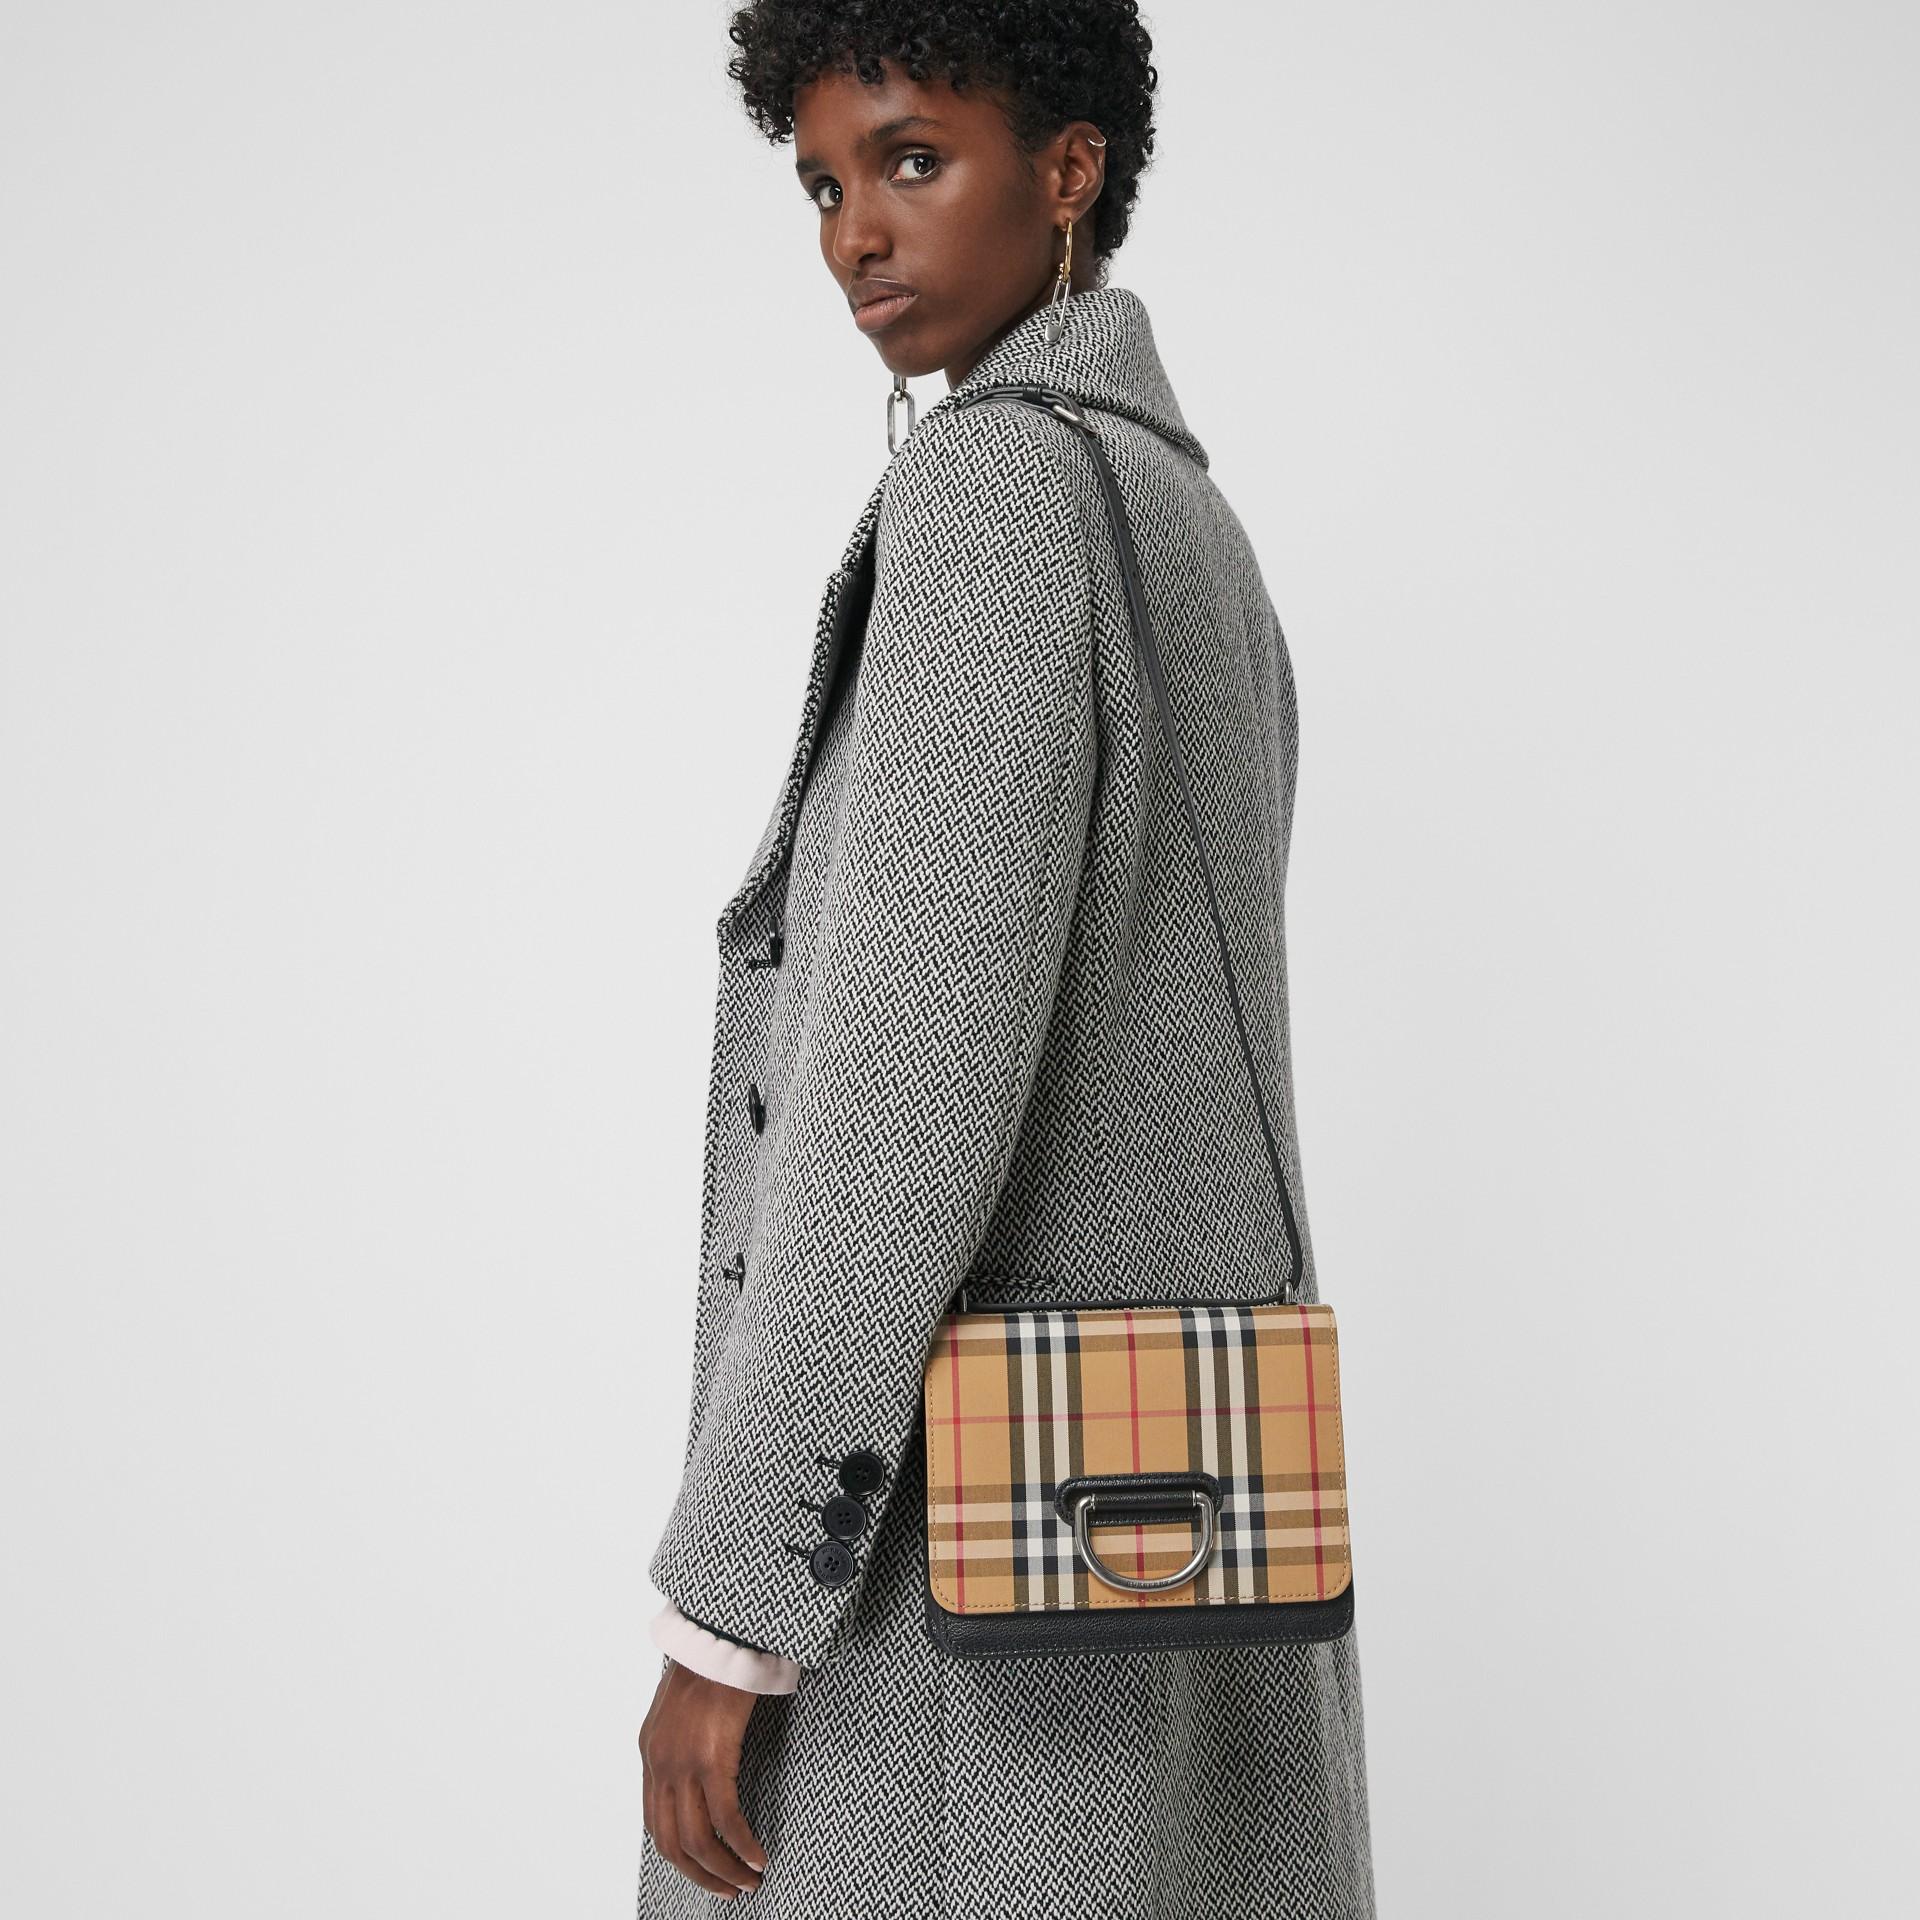 Petit sac TheD-ring en cuir et à motif Vintage check (Noir/jaune Antique) - Femme | Burberry - photo de la galerie 3